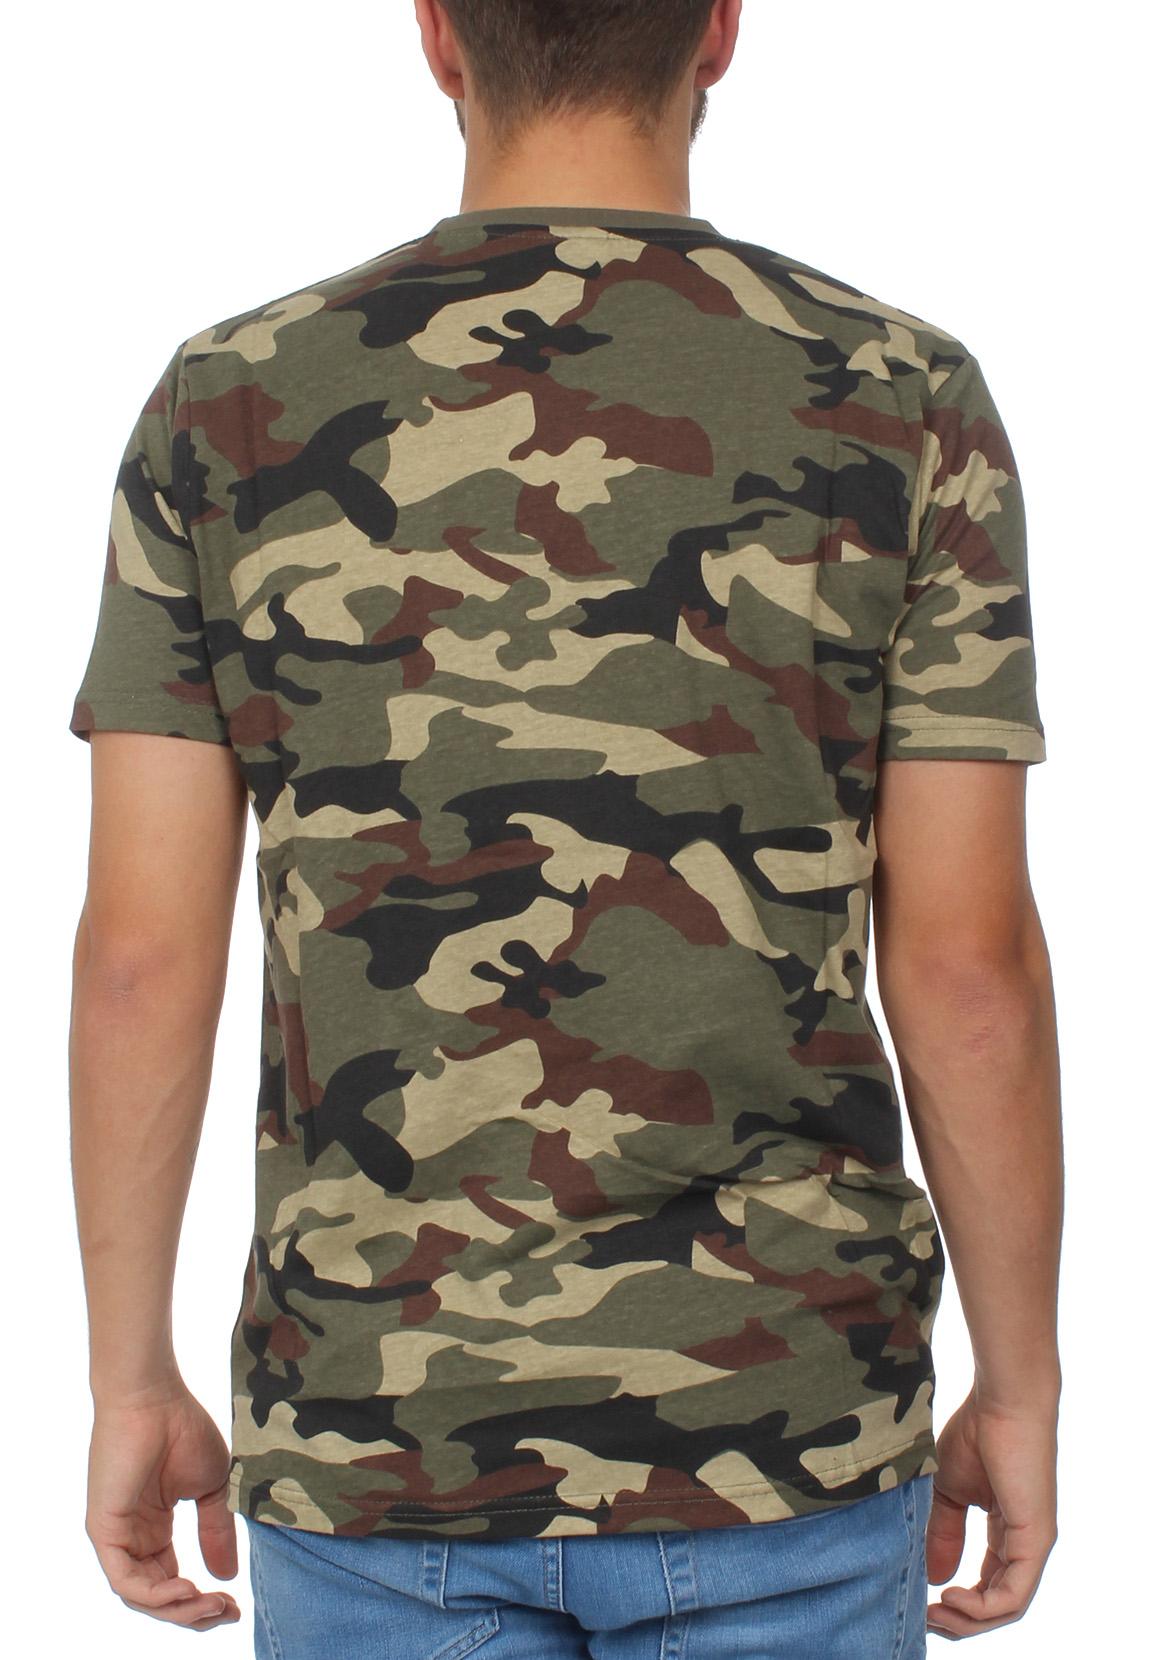 70a934aaa9f22 Ellesse-T-Shirt-Herren-CANALETTO-T-SHIRT-Camoufla 1.JPG